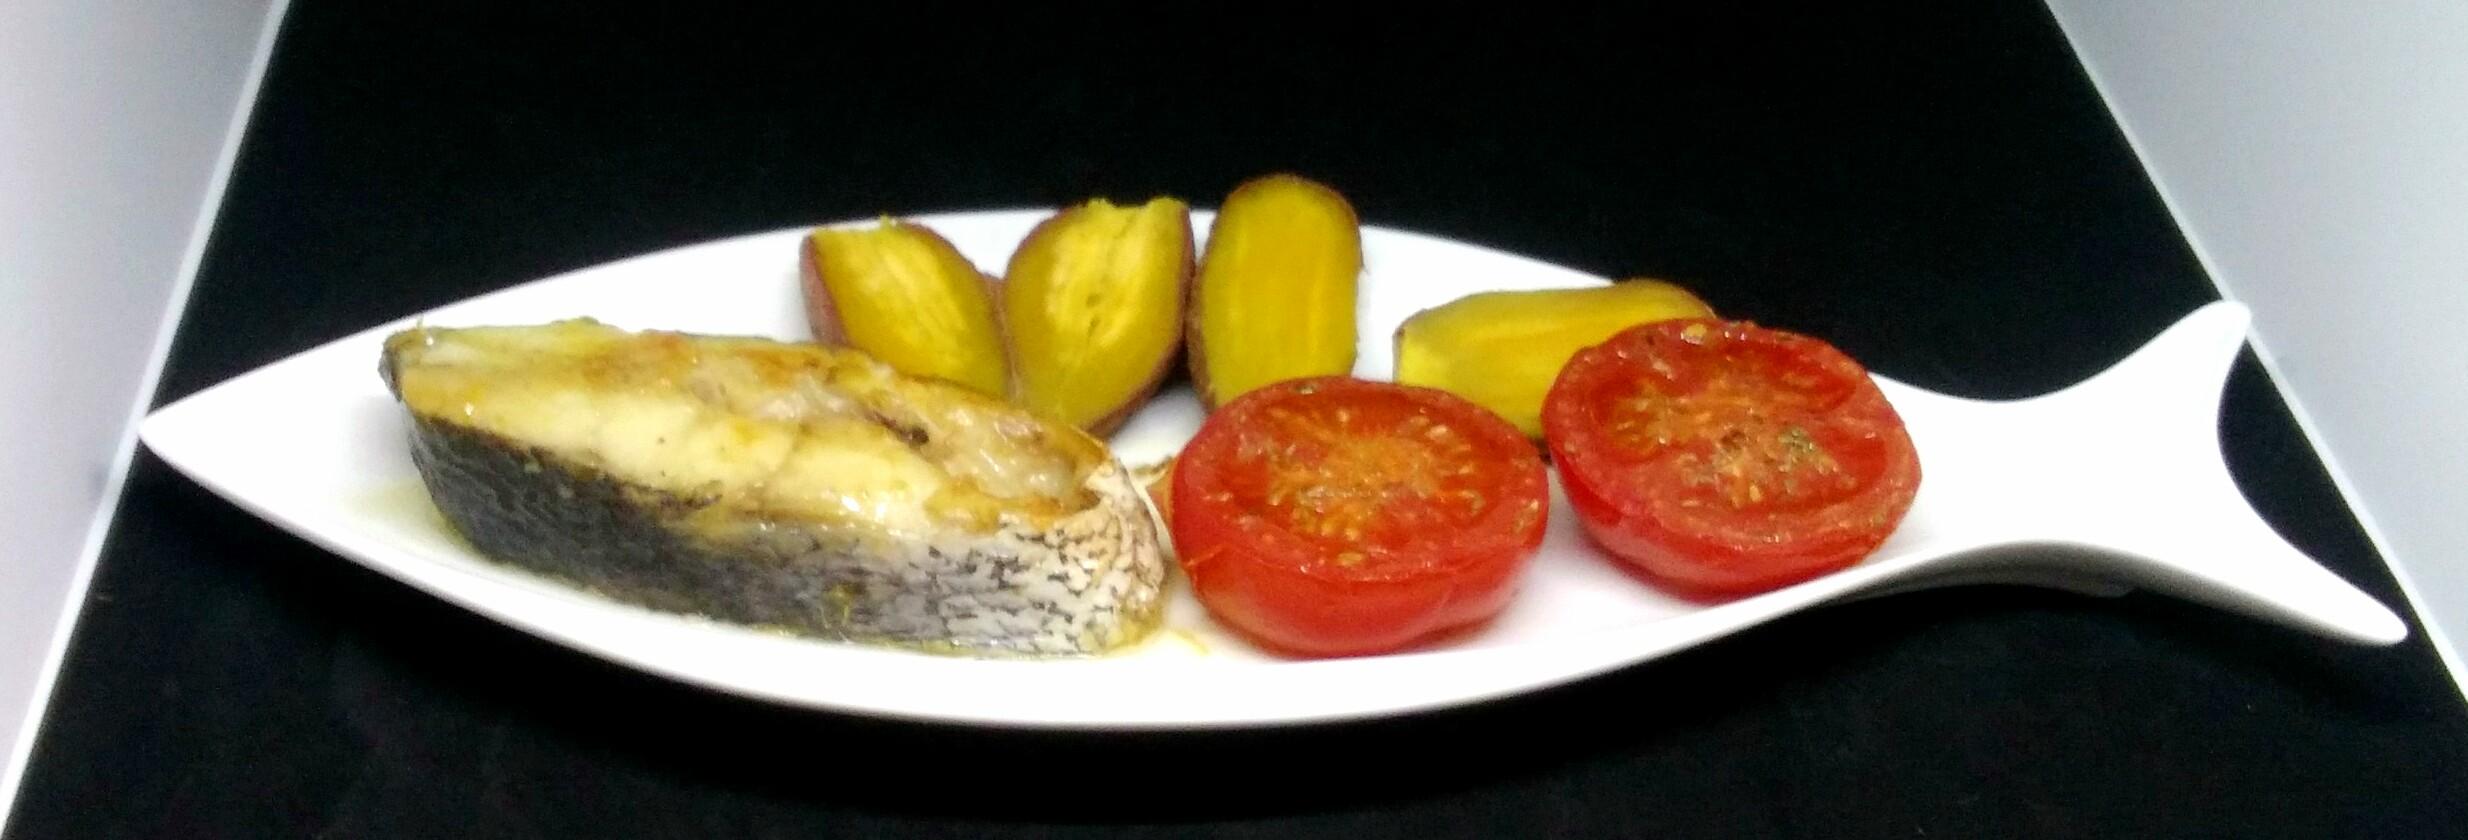 Corvina Corada com Tomate Assado e Batata-doce